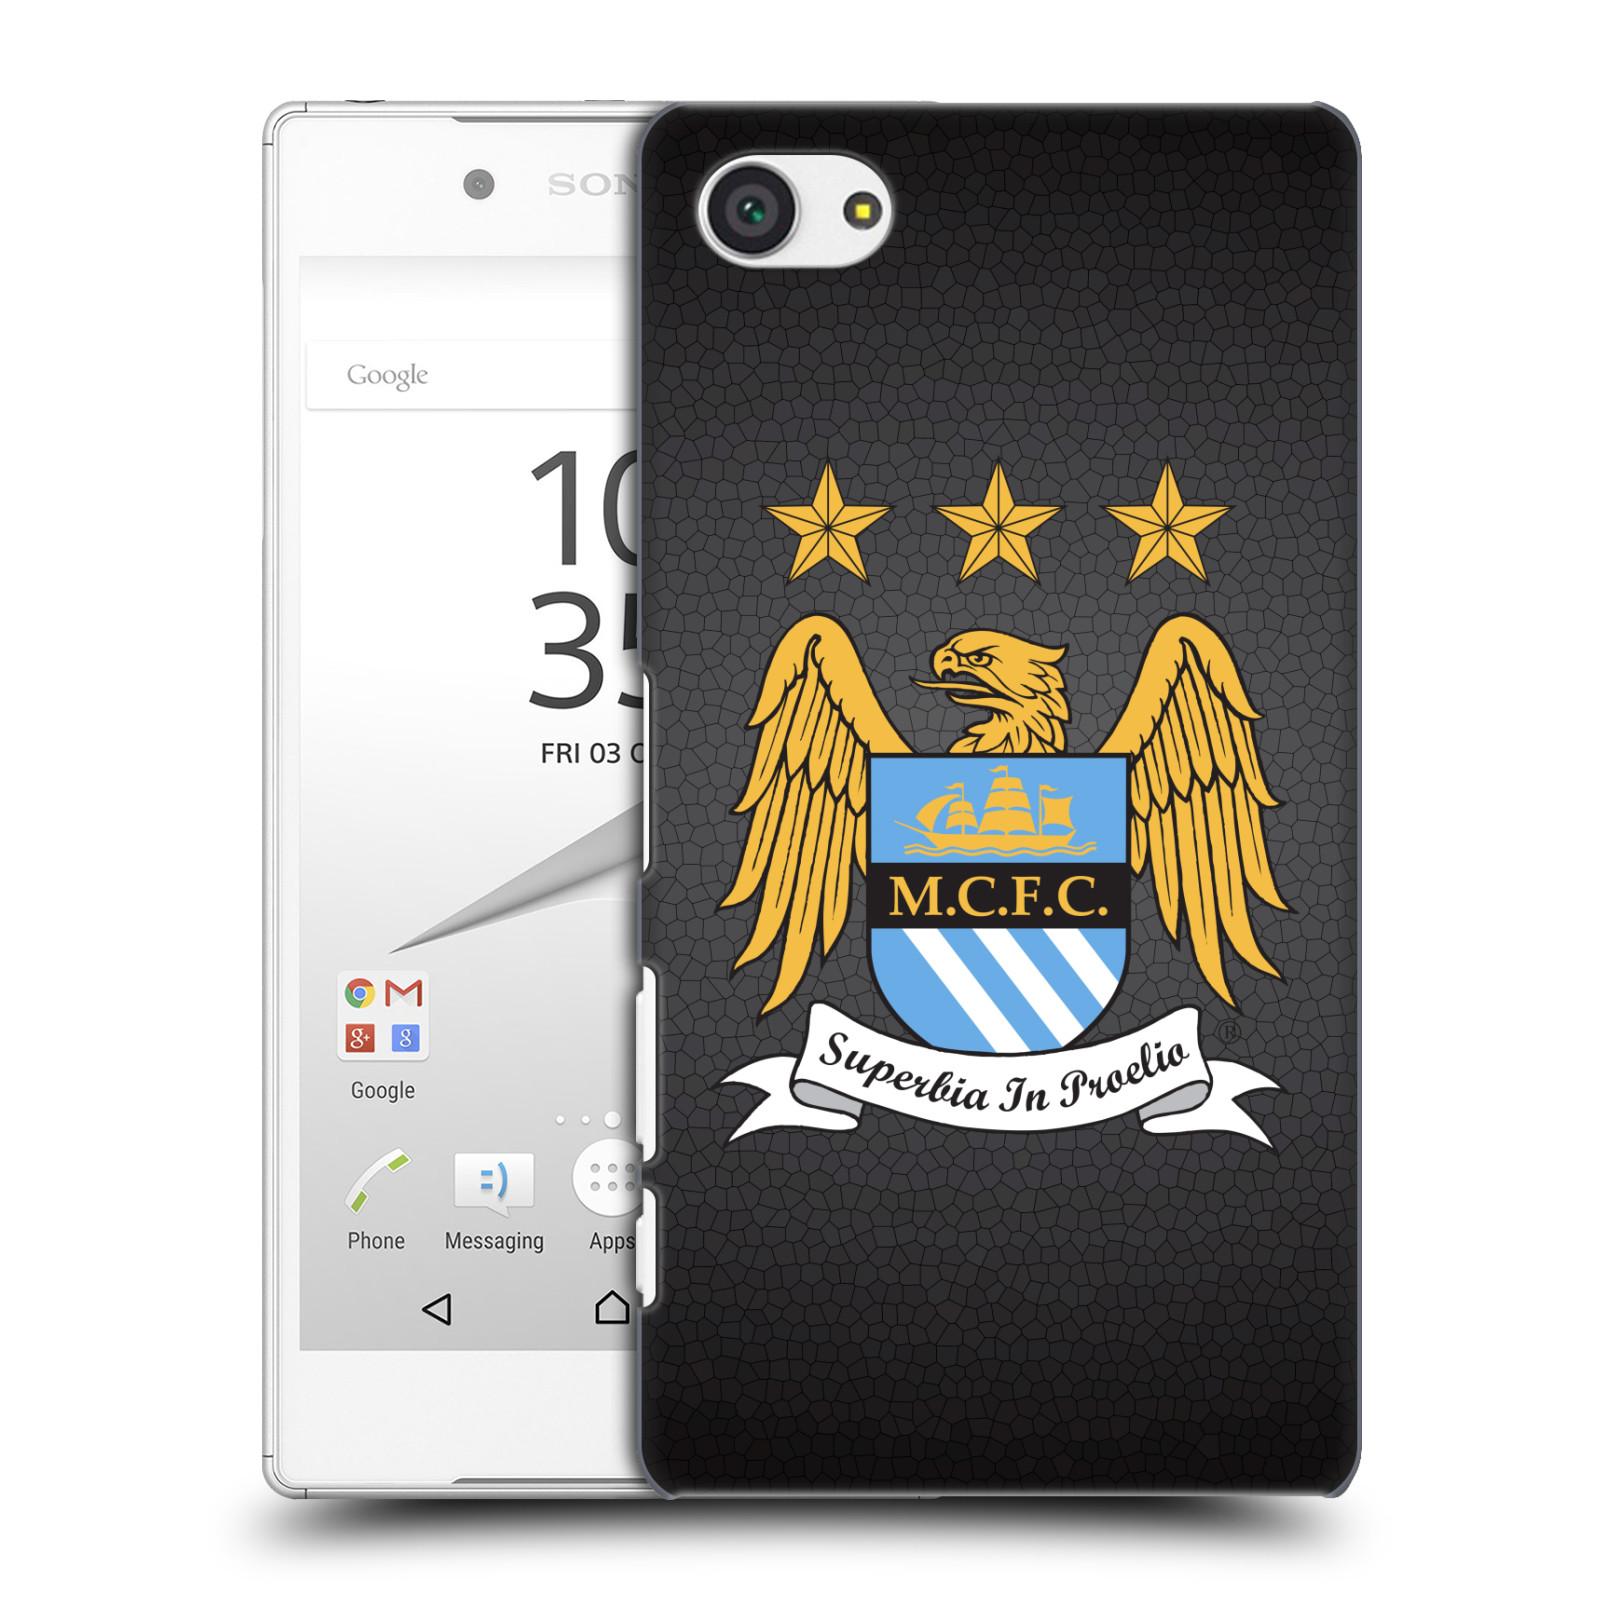 Plastové pouzdro na mobil Sony Xperia Z5 Compact HEAD CASE Manchester City FC - Superbia In Proelio